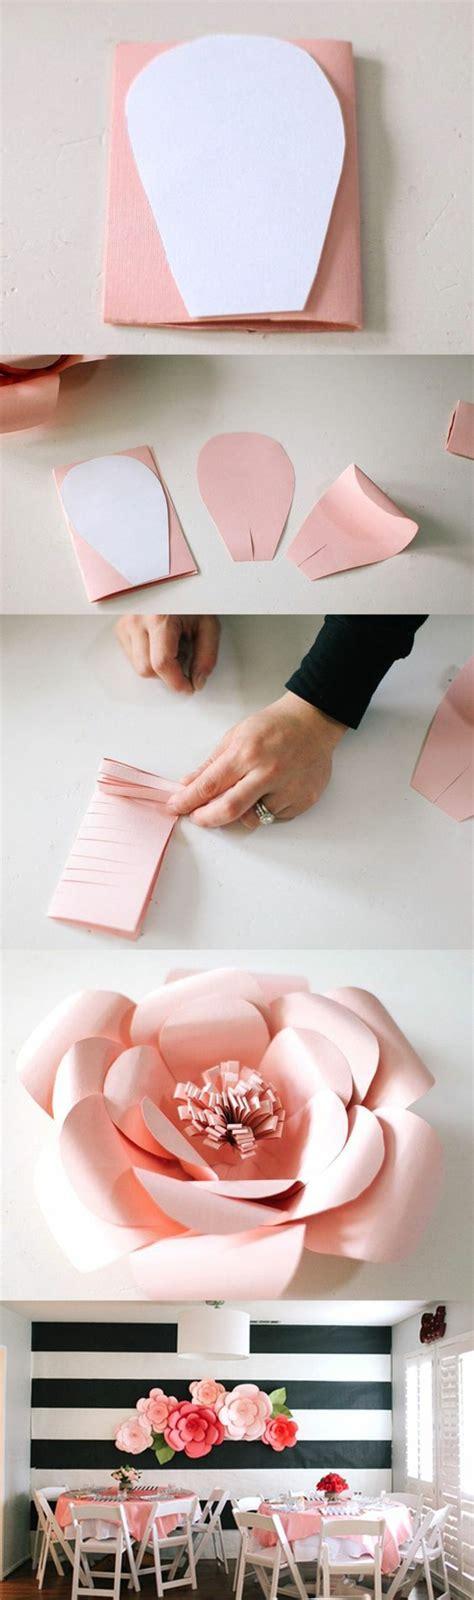 Wanddeko Selber Machen Papier by 1001 Ideen Wie Sie Eine Kreative Wanddeko Selber Machen